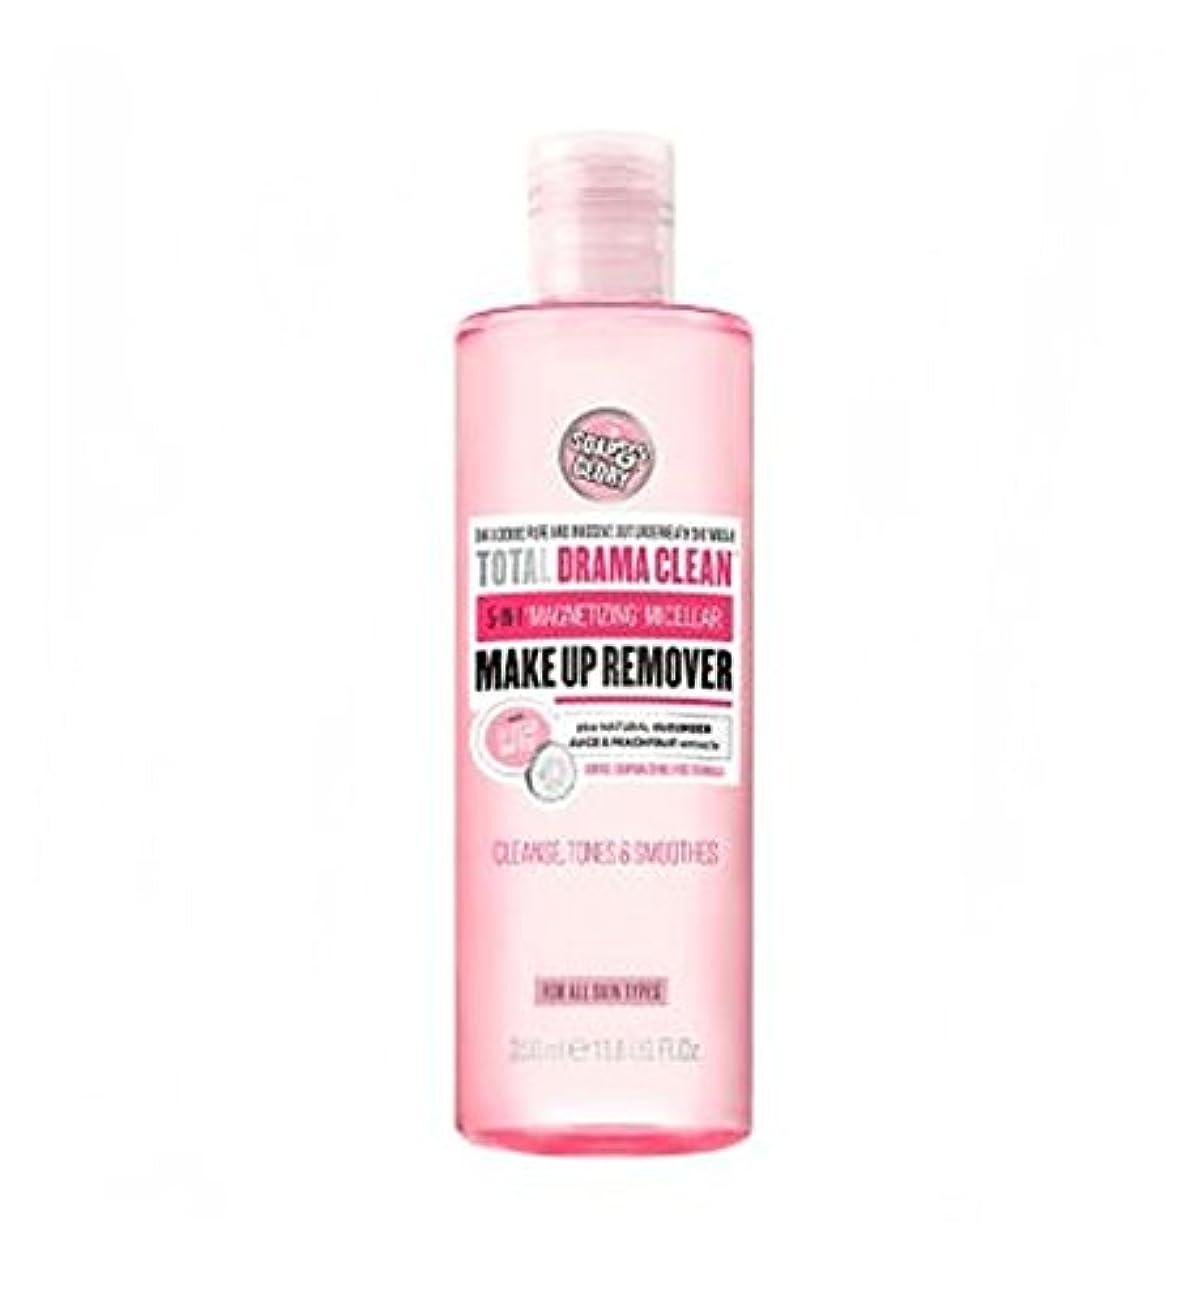 じゃがいも血単語石鹸&栄光のドラマクリーン?5-In-1のミセル洗浄水350ミリリットル (Soap & Glory) (x2) - Soap & Glory DRAMA CLEAN? 5-in-1 Micellar Cleansing...